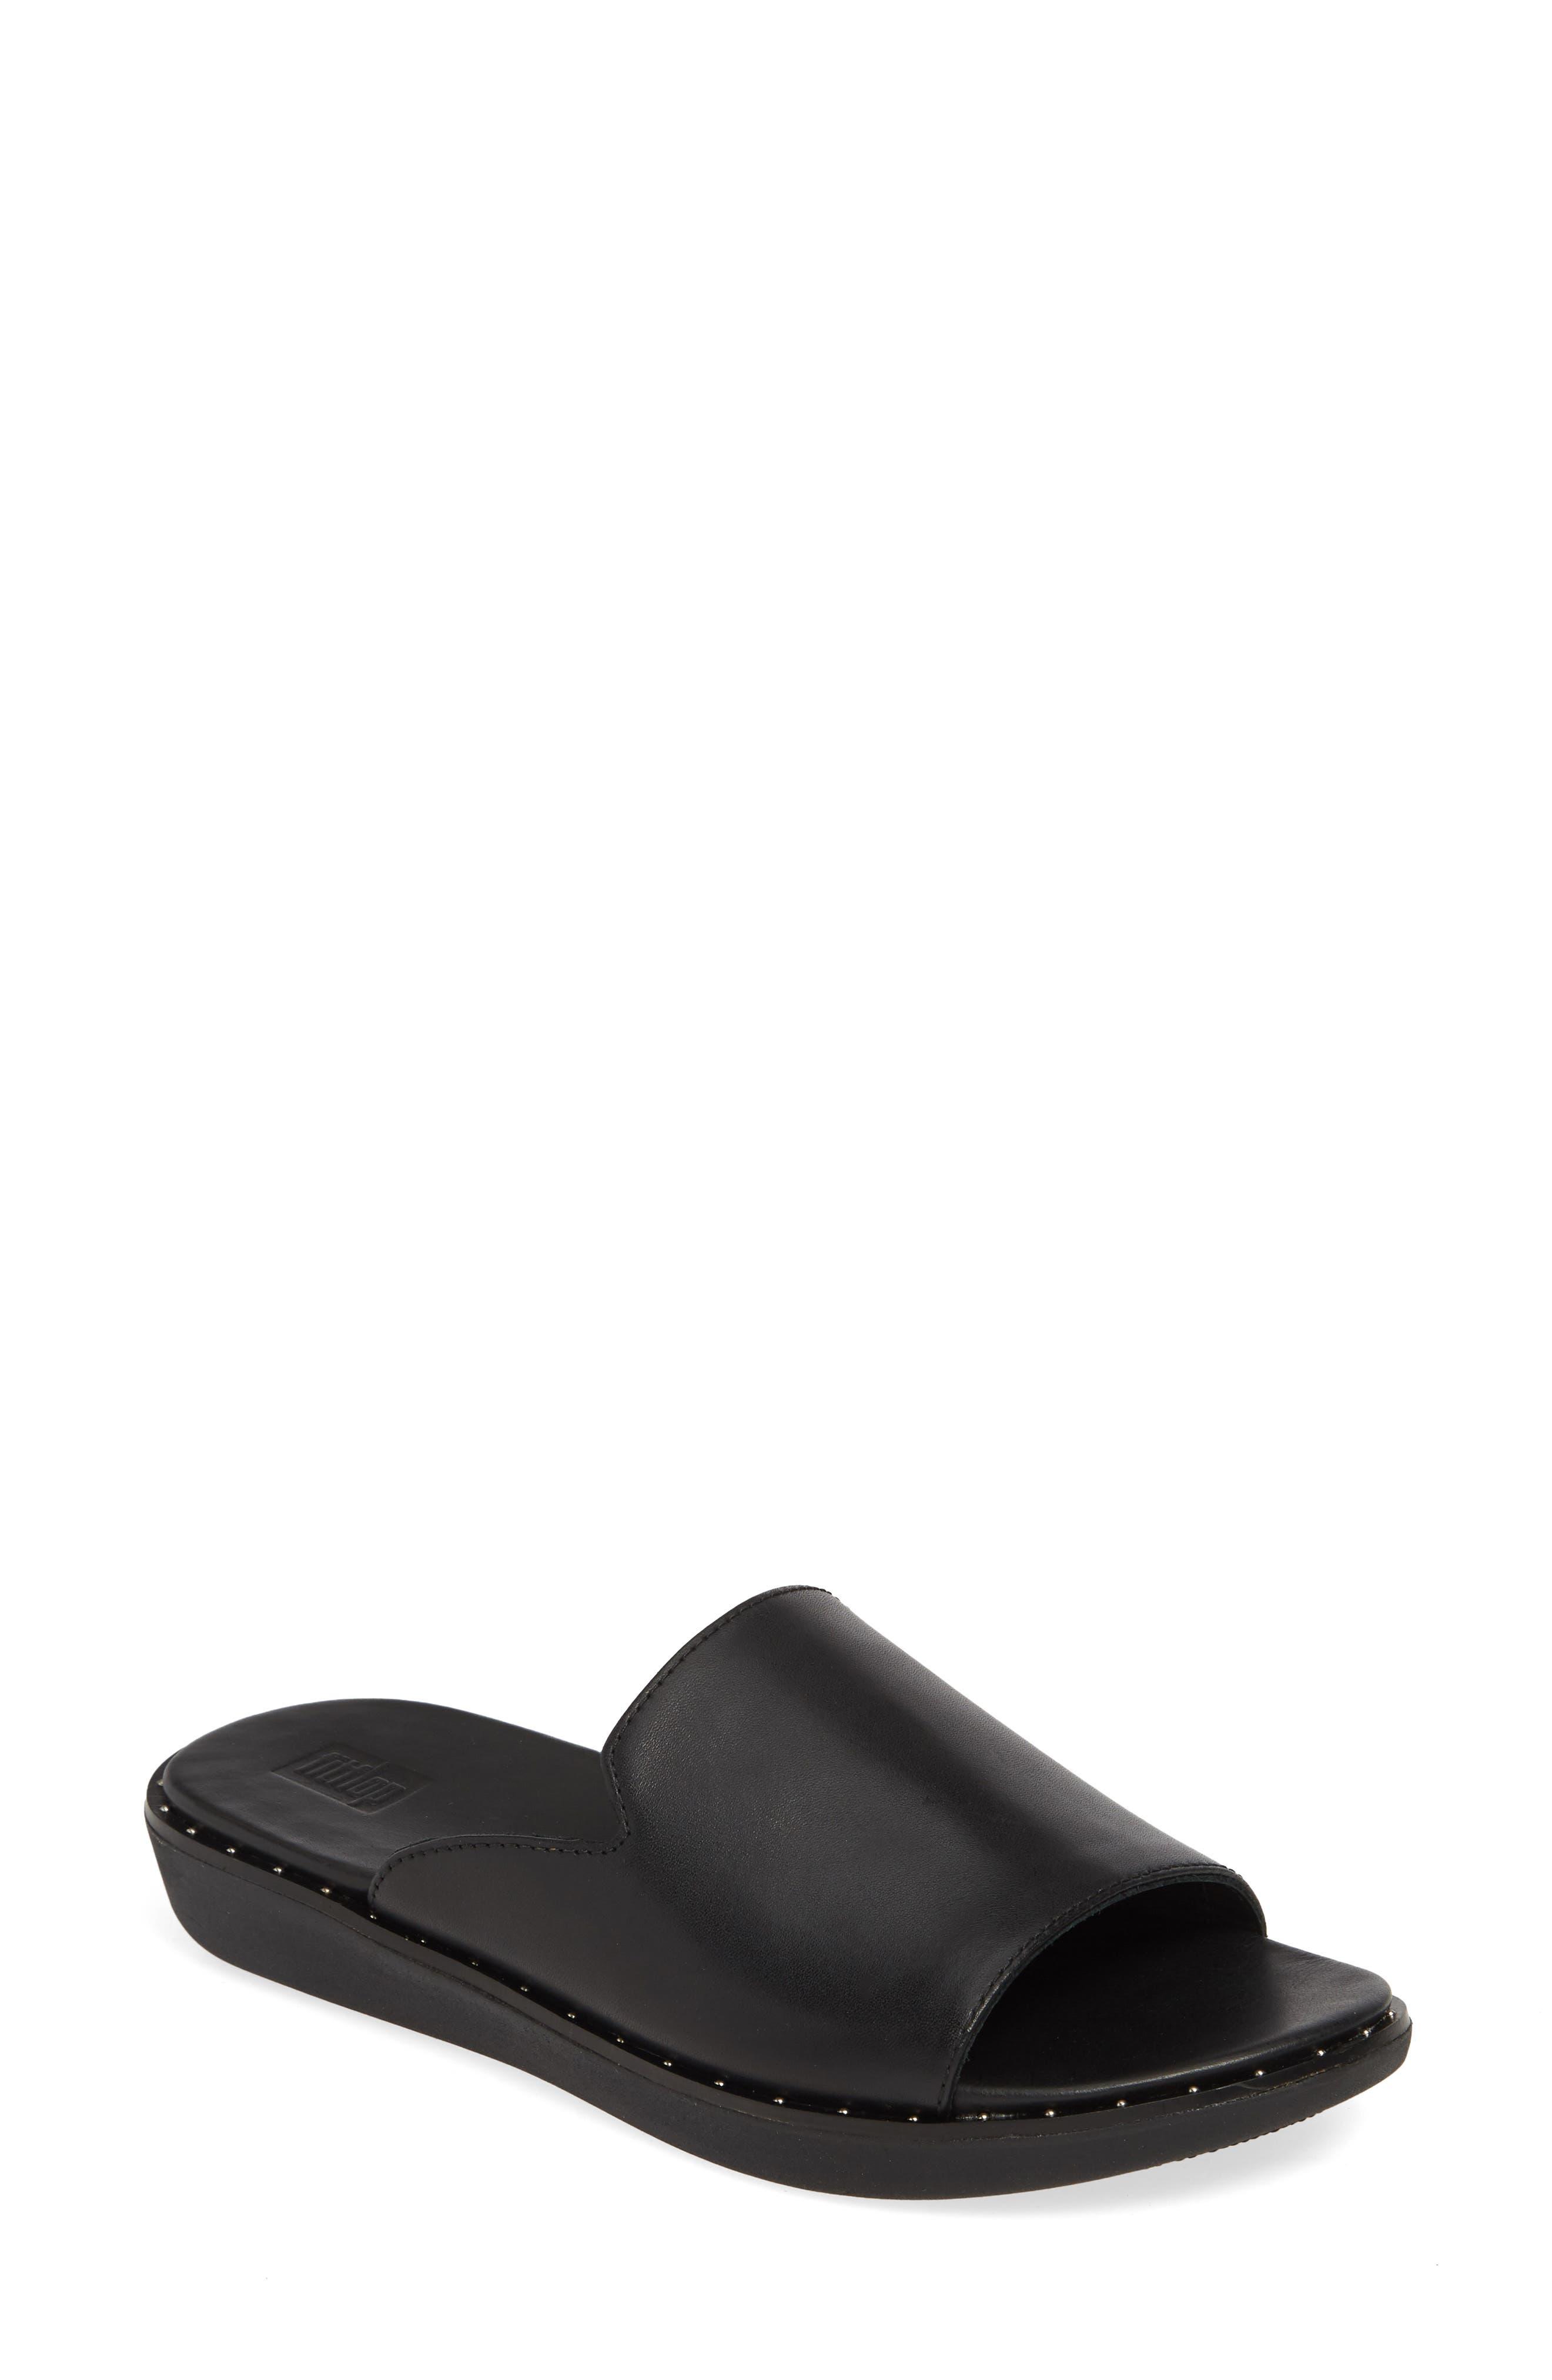 Saffi Slide Sandal, Main, color, BLACK LEATHER